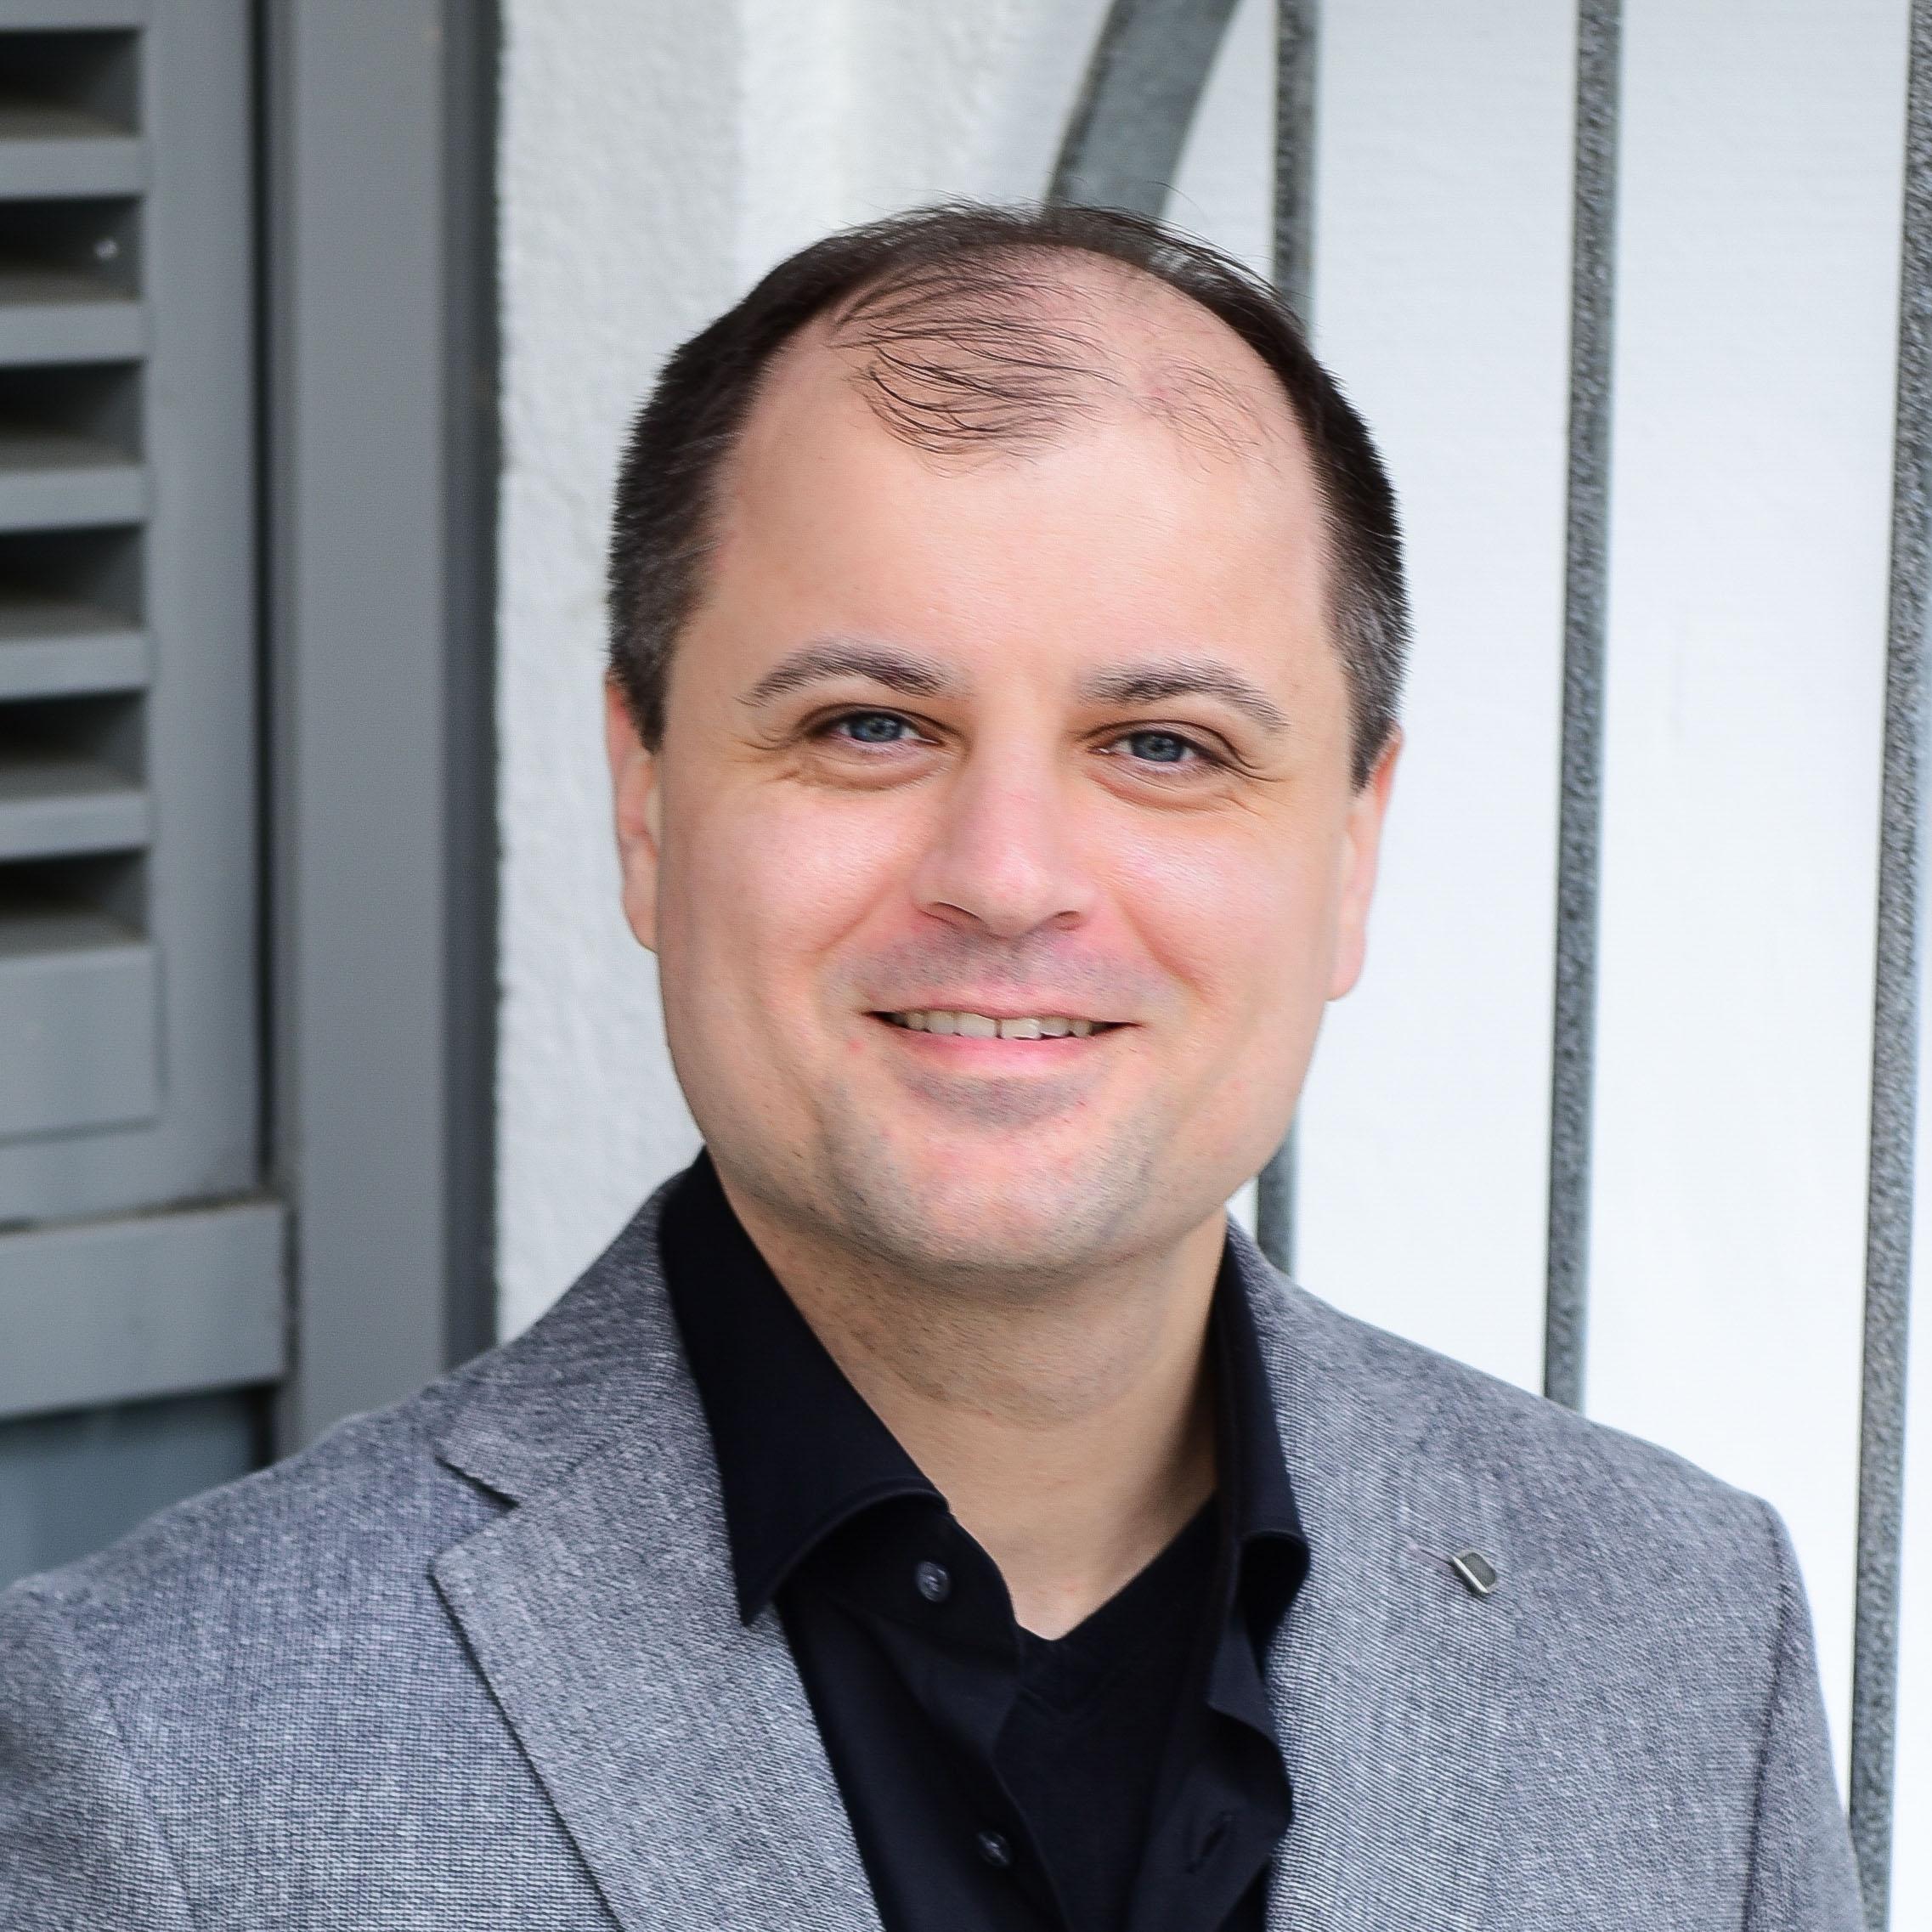 Lambert Schultz